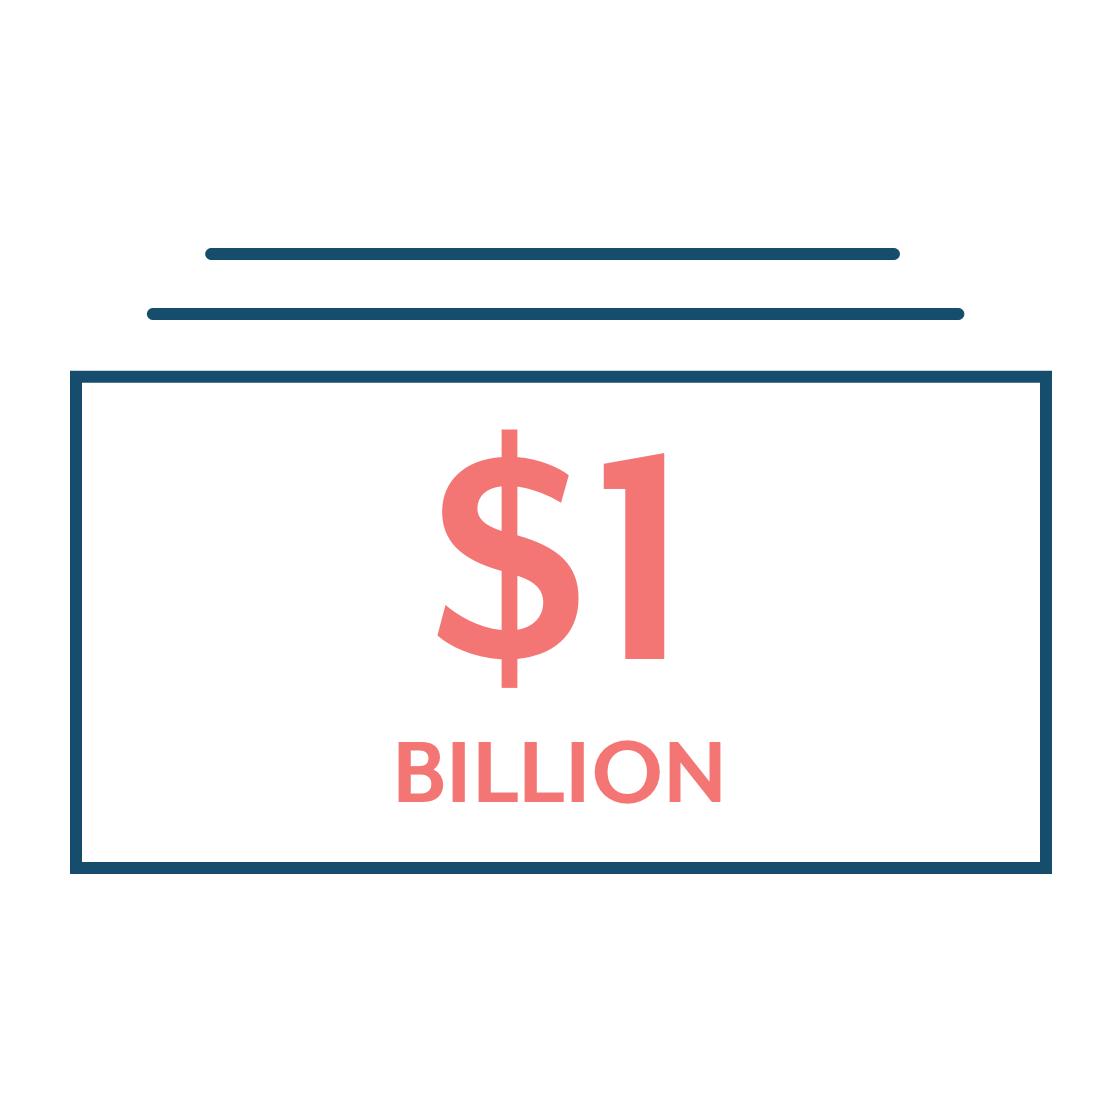 $1 billion spent each year on UTIs